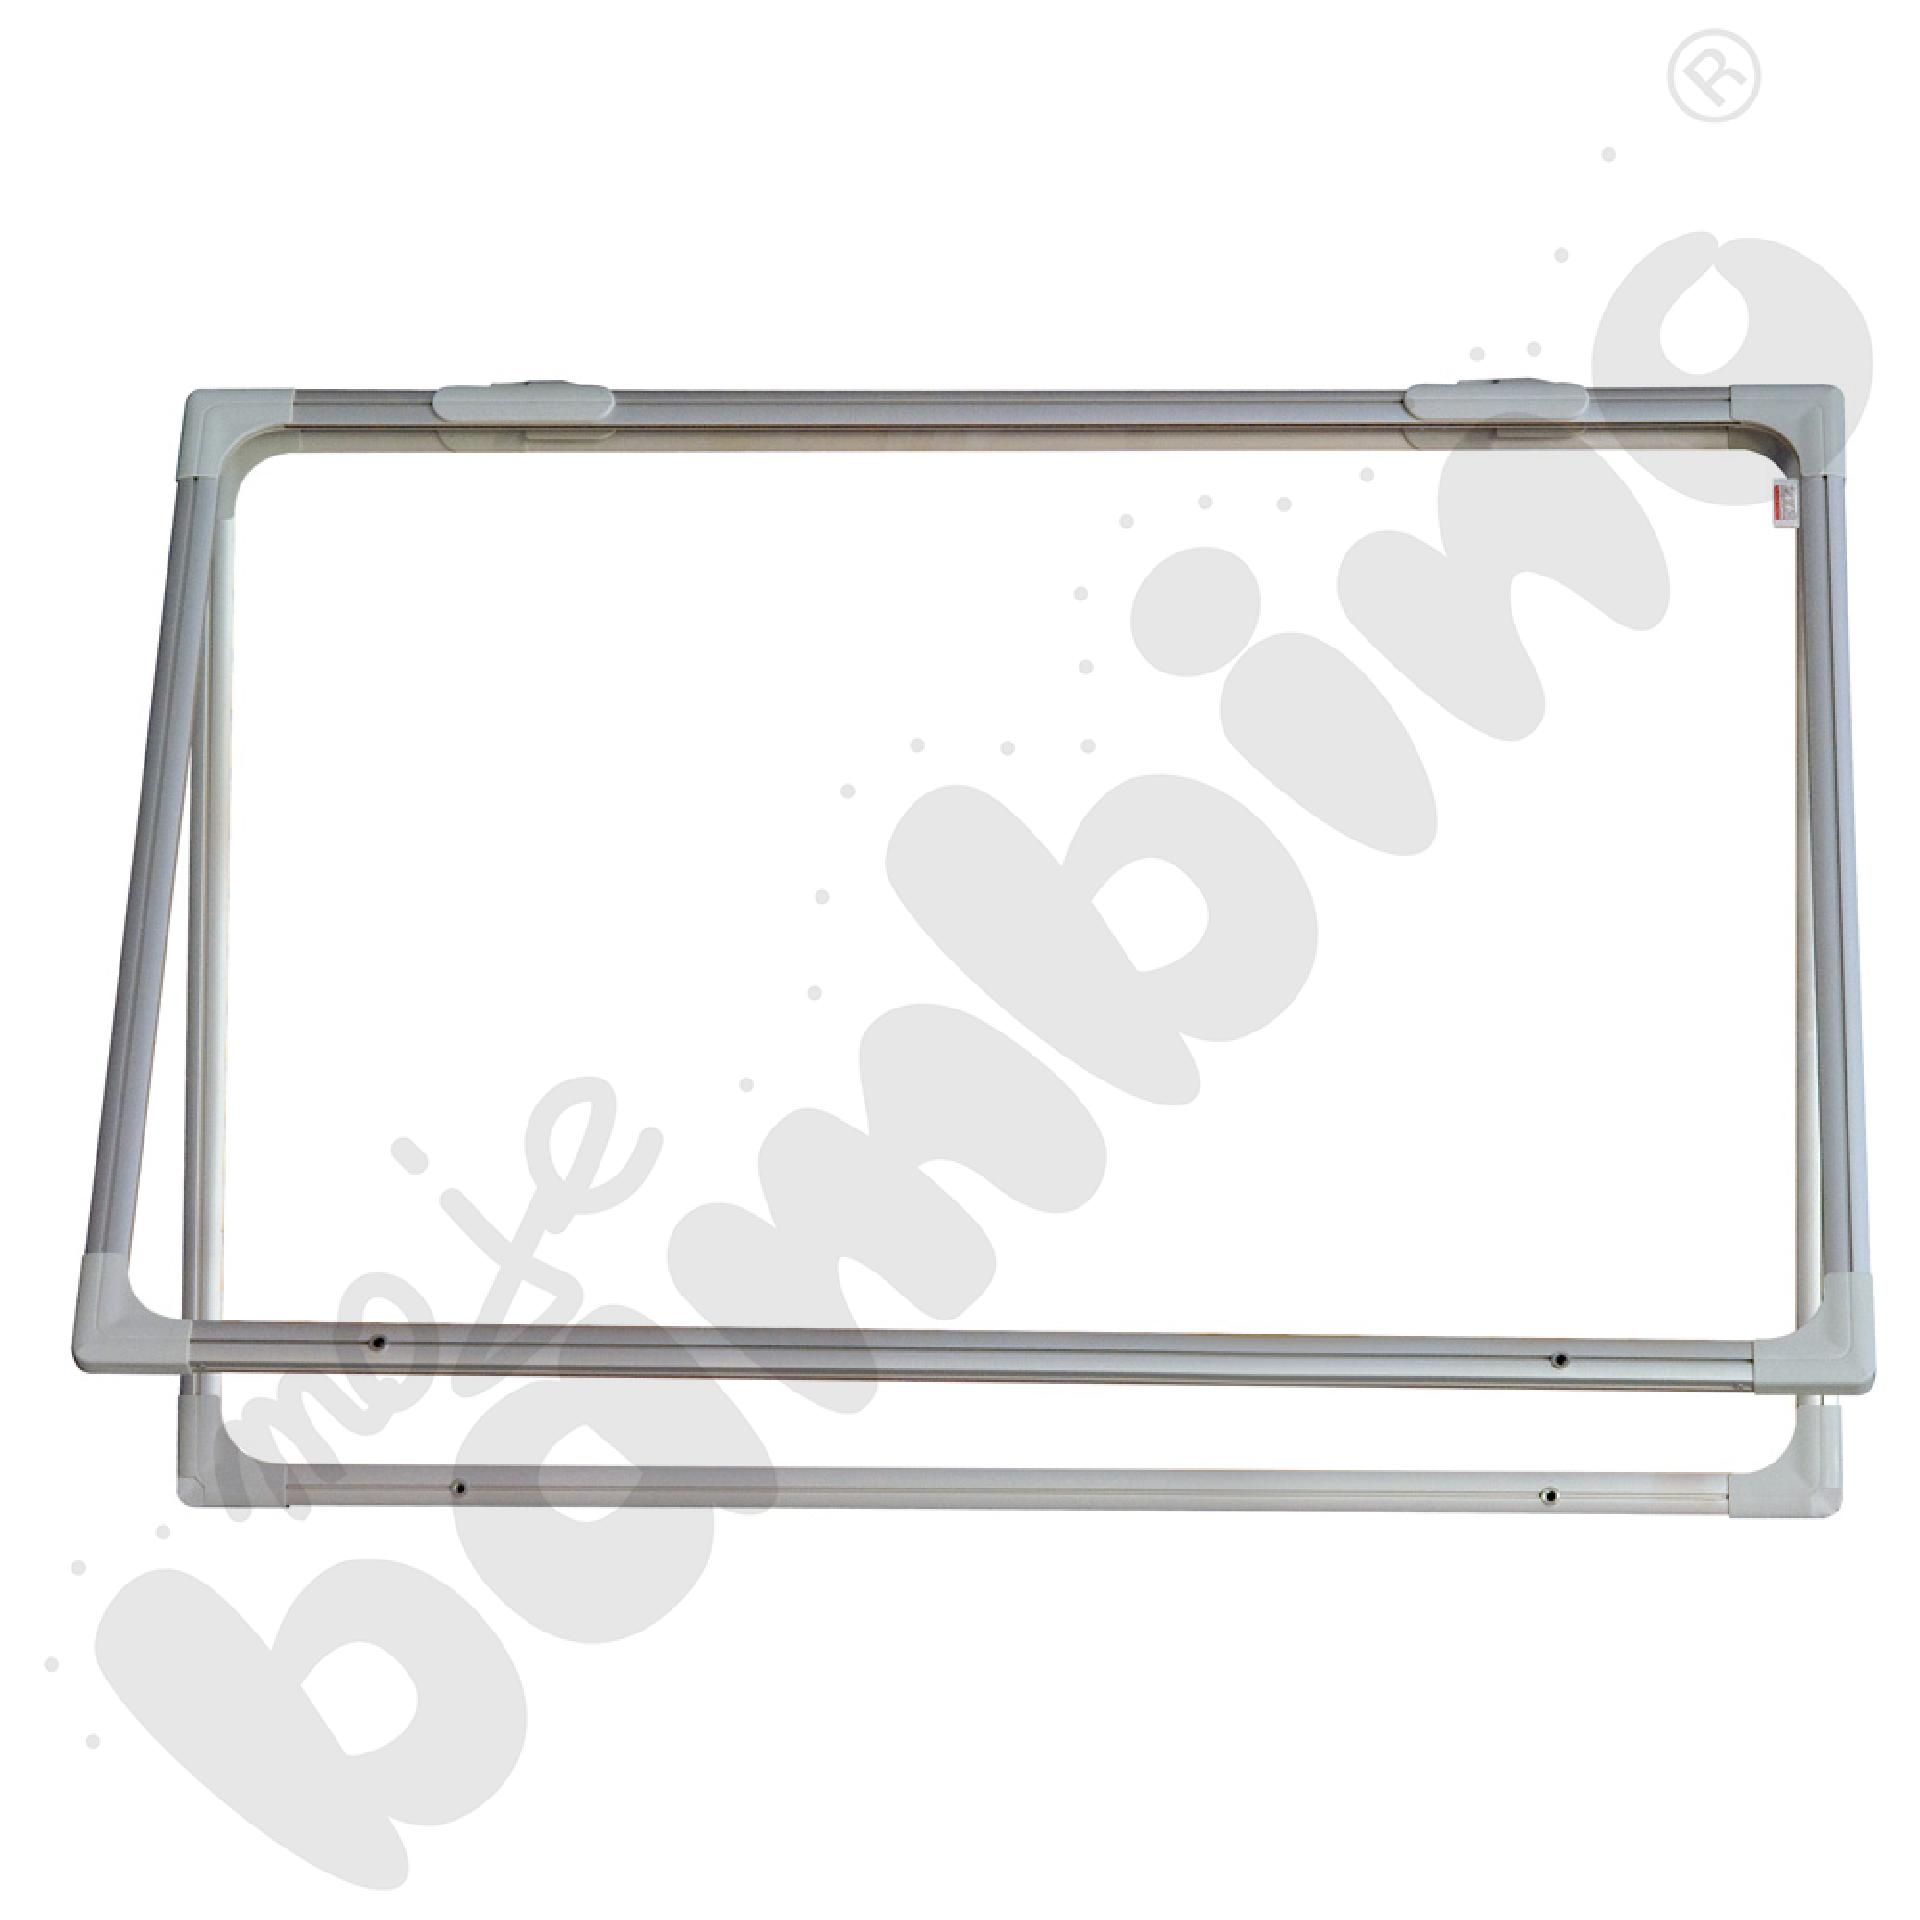 Gablota wewnętrzna otwierana do góry suchościeralno-magnetyczna 90 x 60 cm